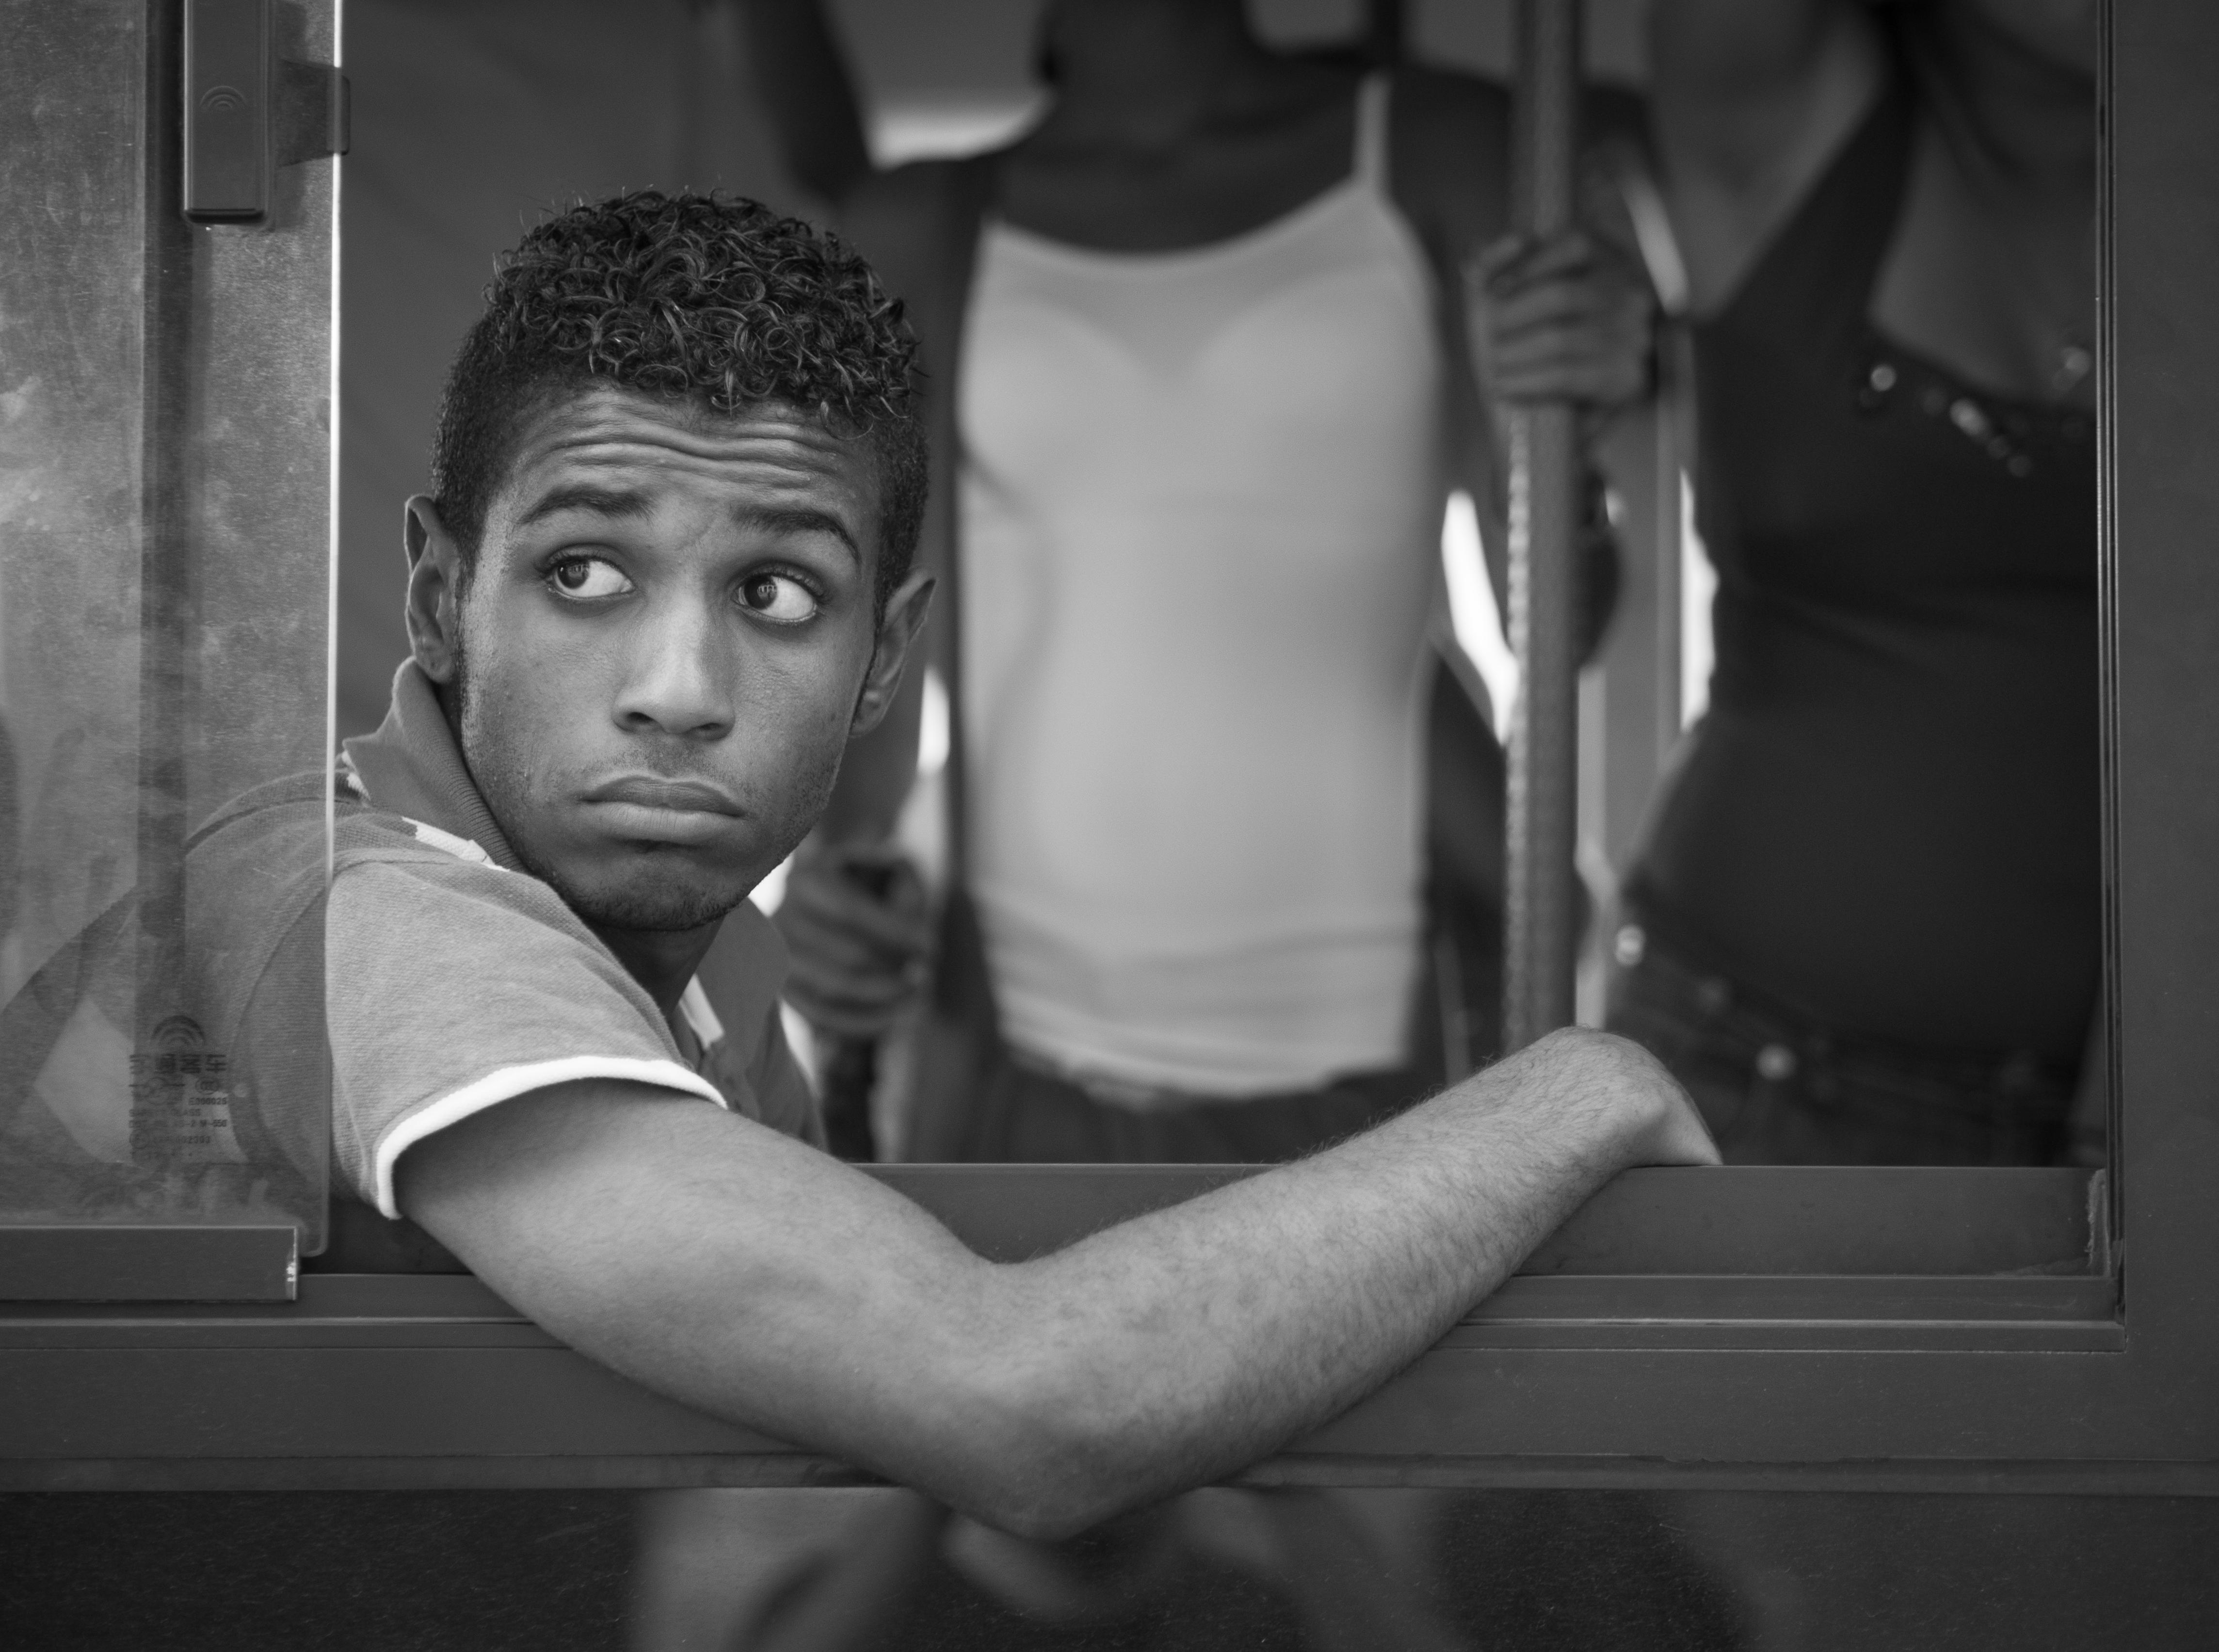 δωρεάν σεξ βίντεο με μαύρους άνδρες δωρεάν πορνό Χιού στρόφιγγες